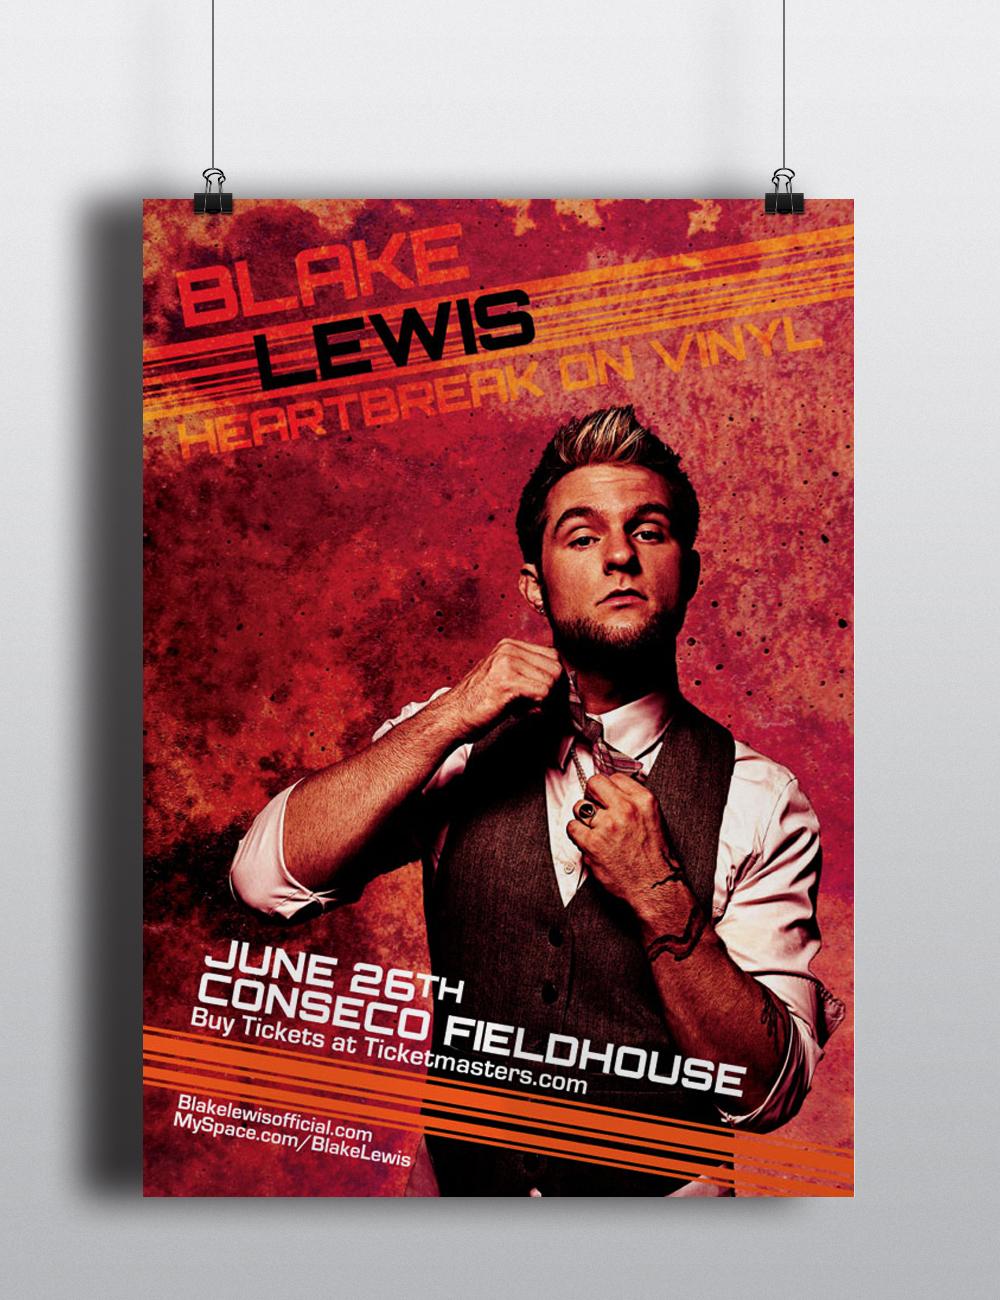 (Fictional) Blake Lewis Poster